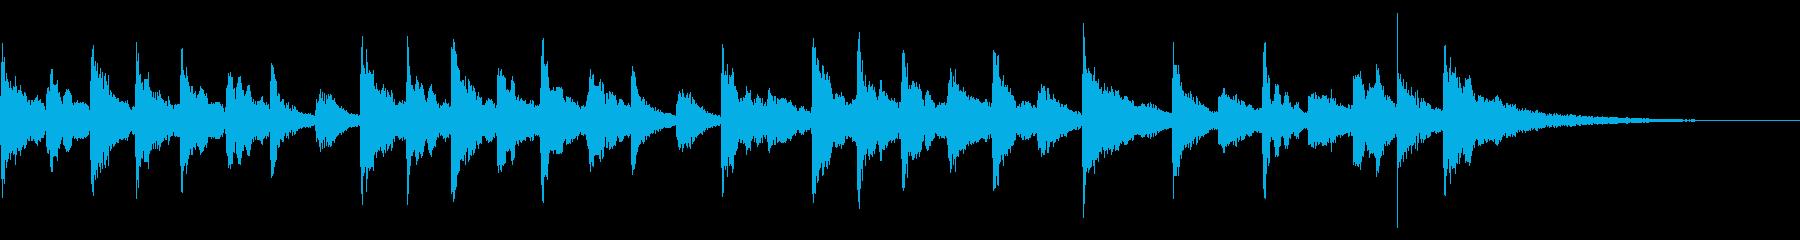 悲壮感のあるジングルの再生済みの波形